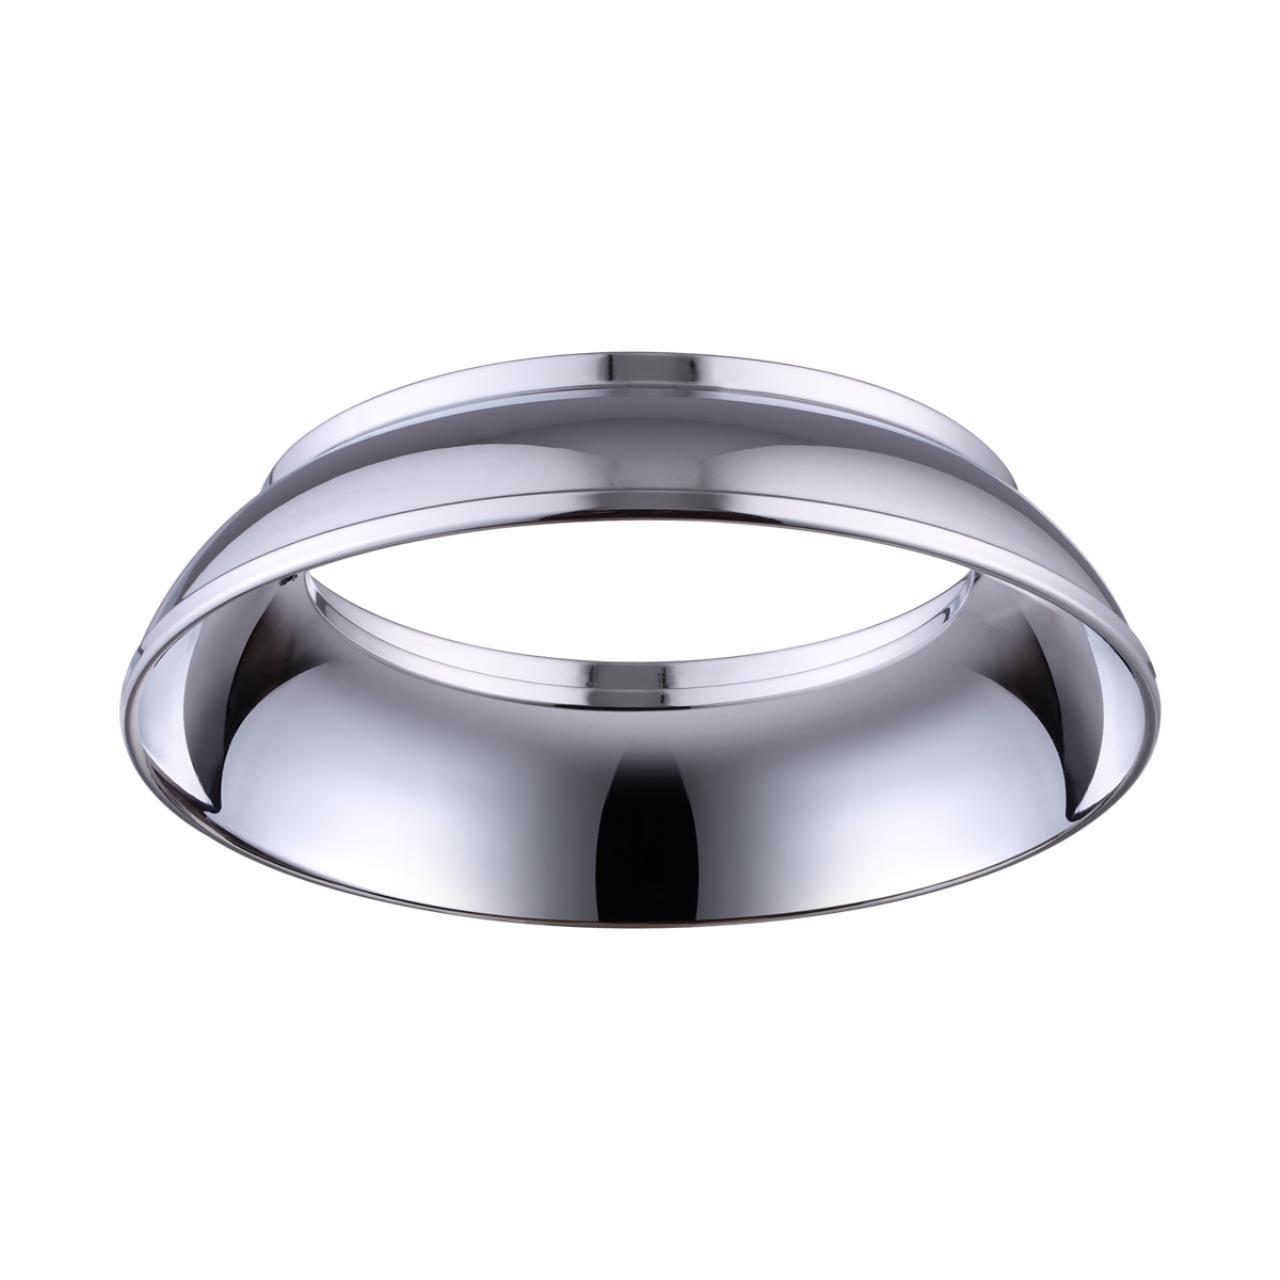 370537 KONST NT19 0029 хром Внутреннее декоративное кольцо к артикулам 370529 - 370534 UNITE